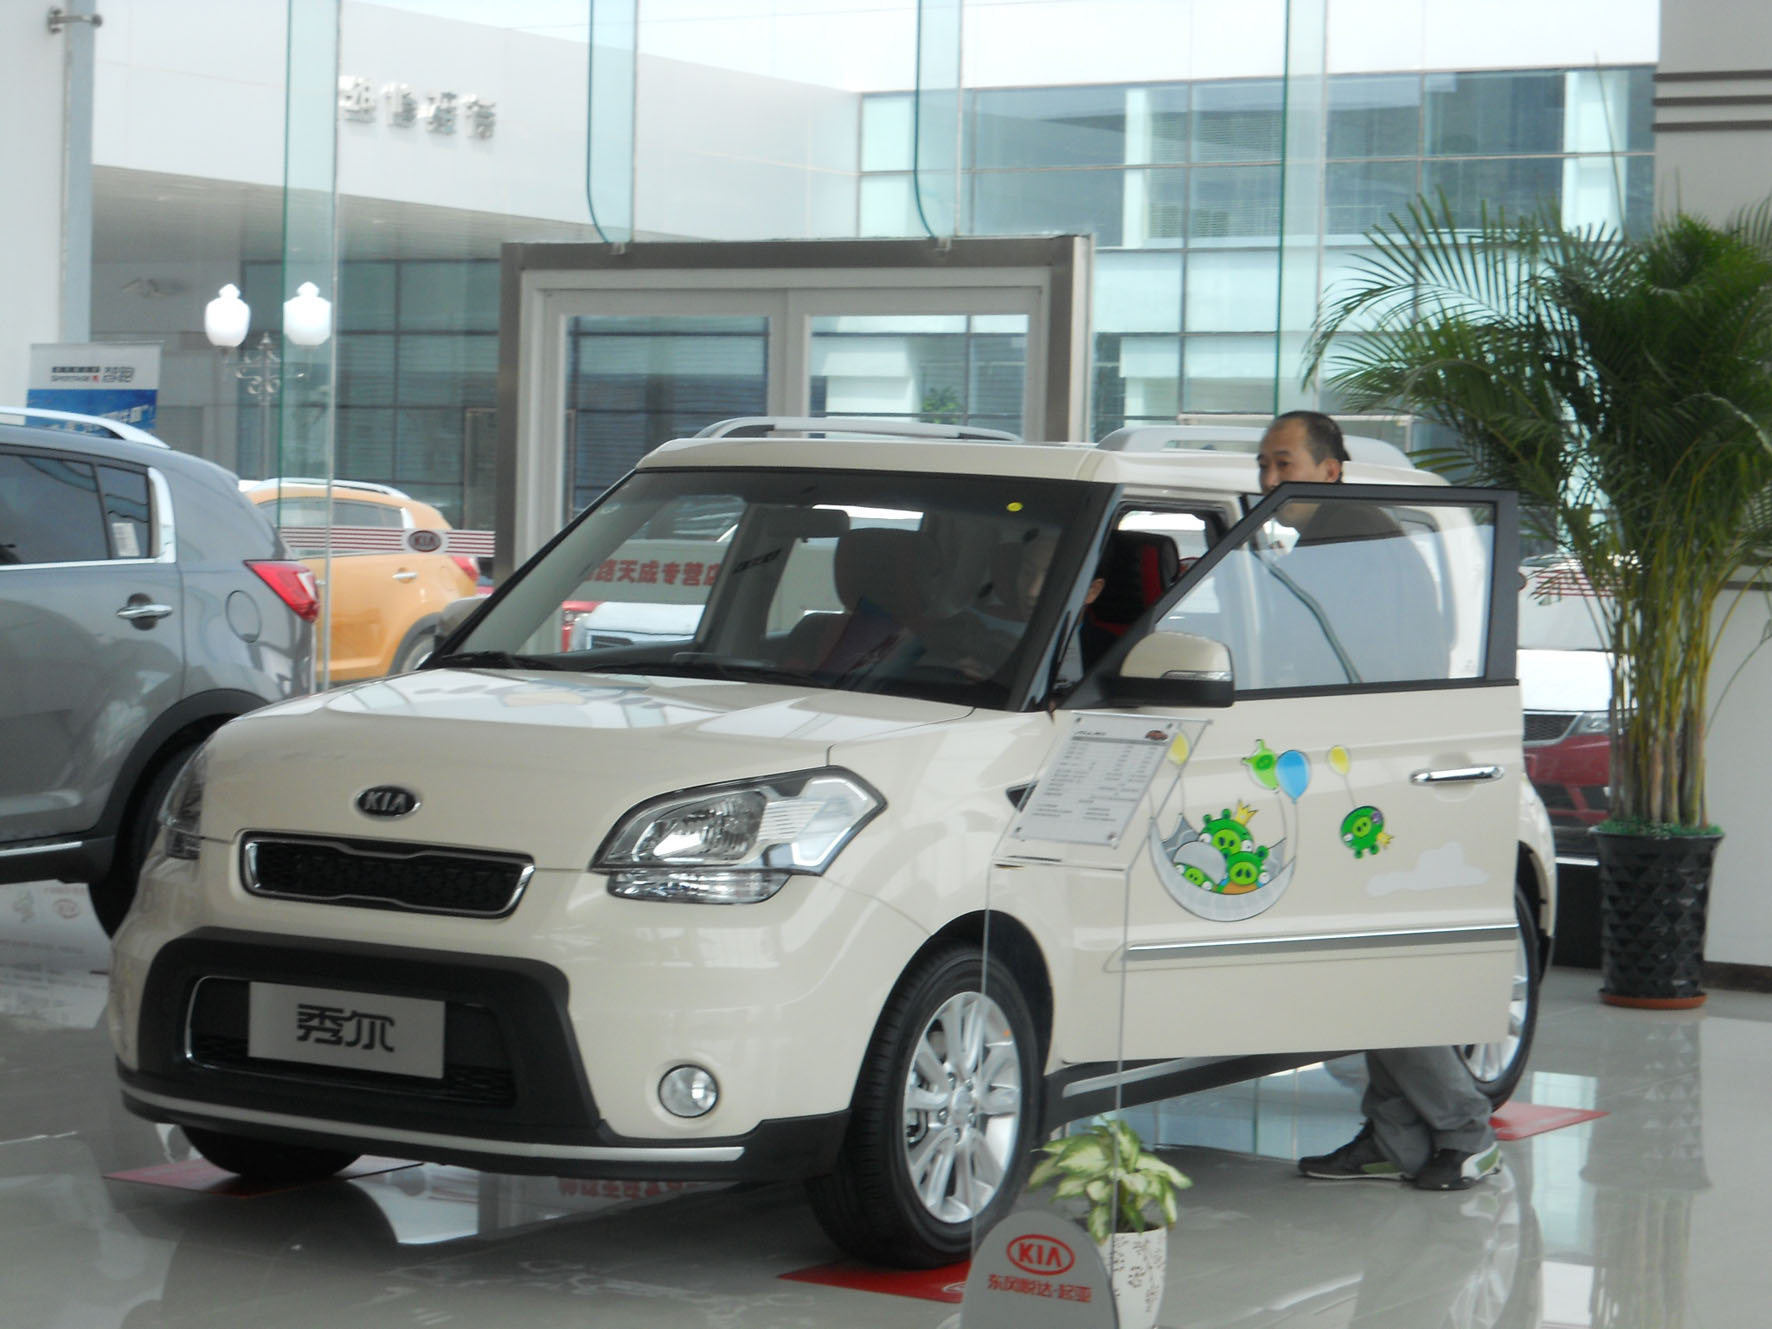 十年铃木汽车销售维修经验!十年铸就优质品牌!